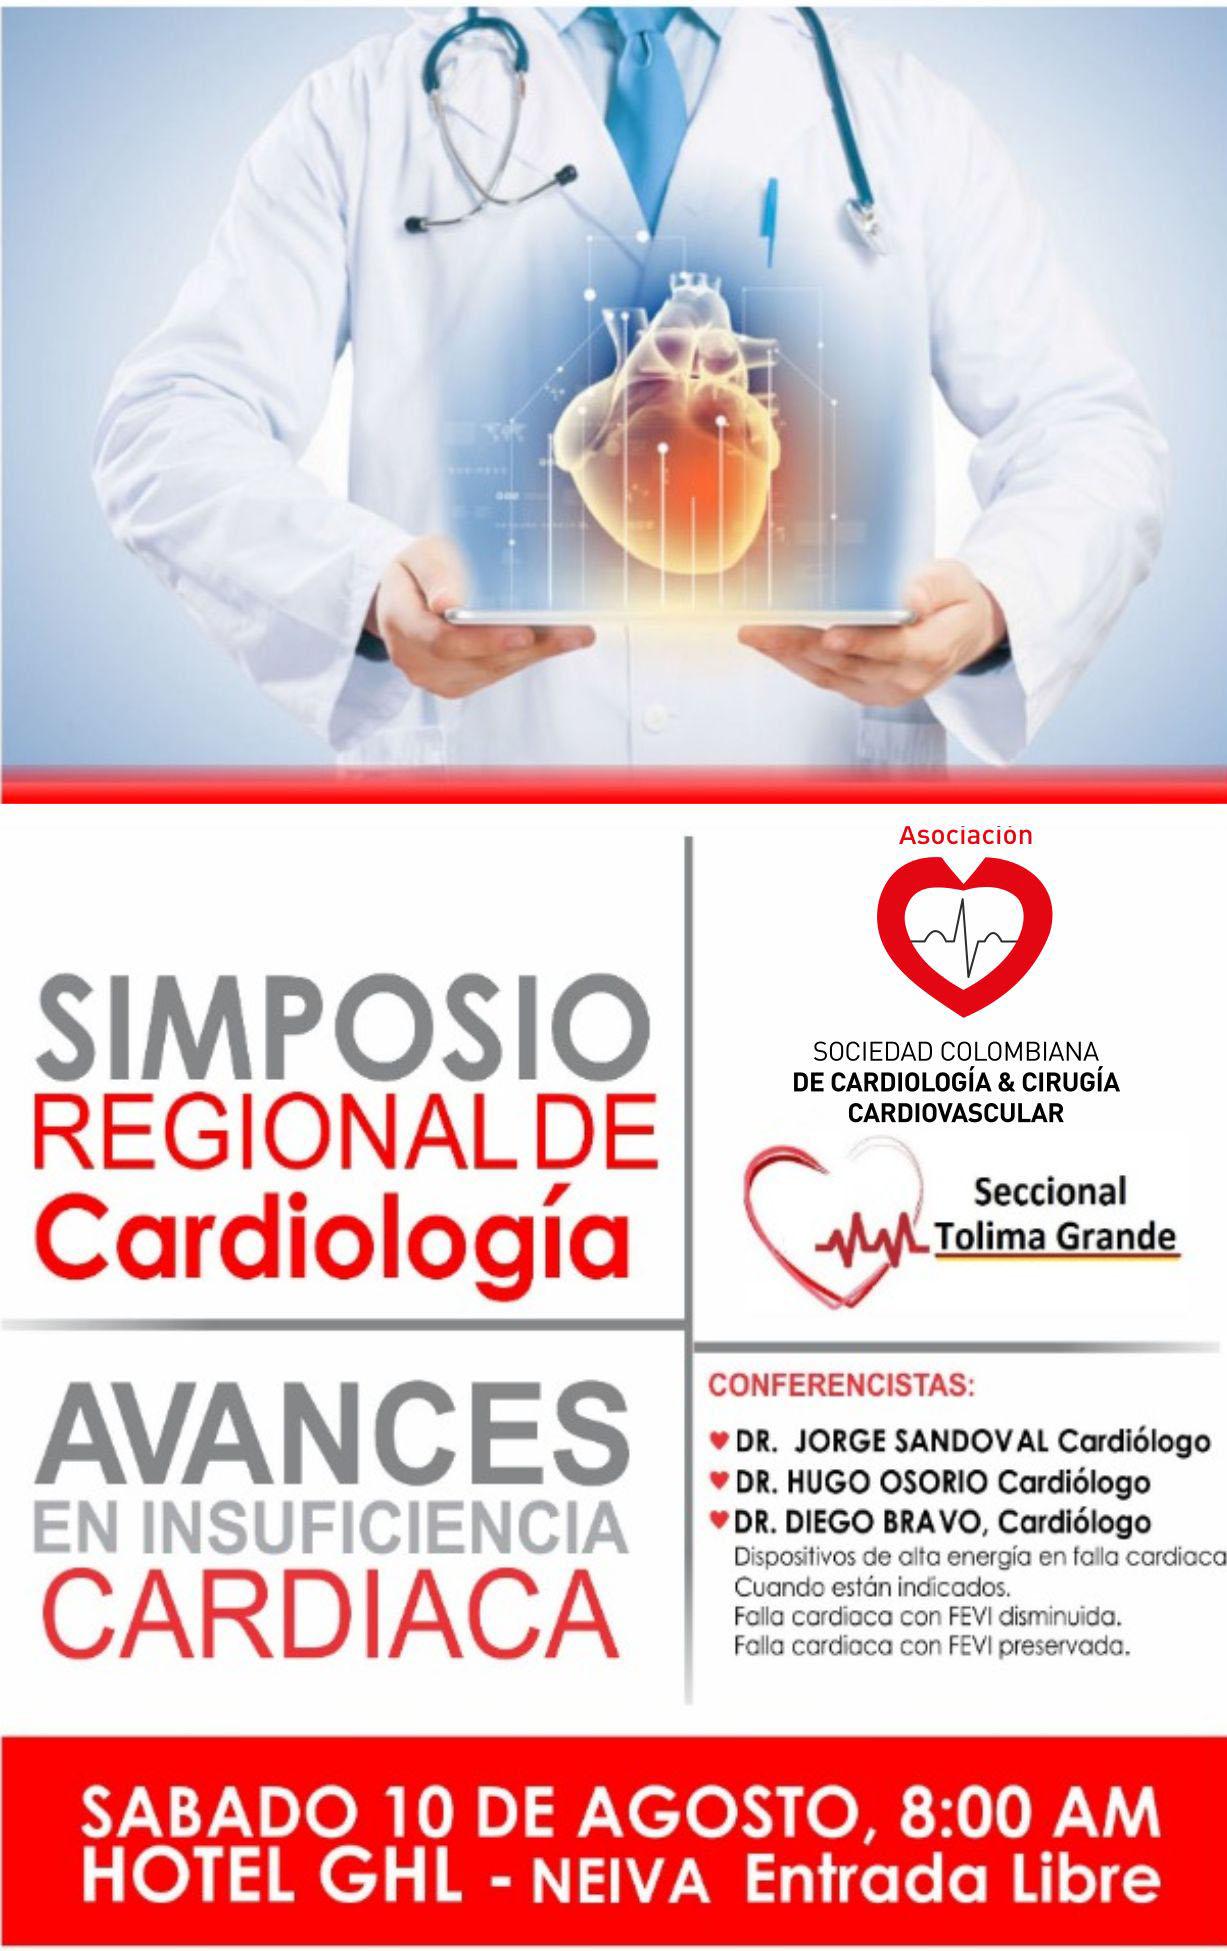 Simposio Regional de Cardiología Avances en Insuficiencia Cardíaca